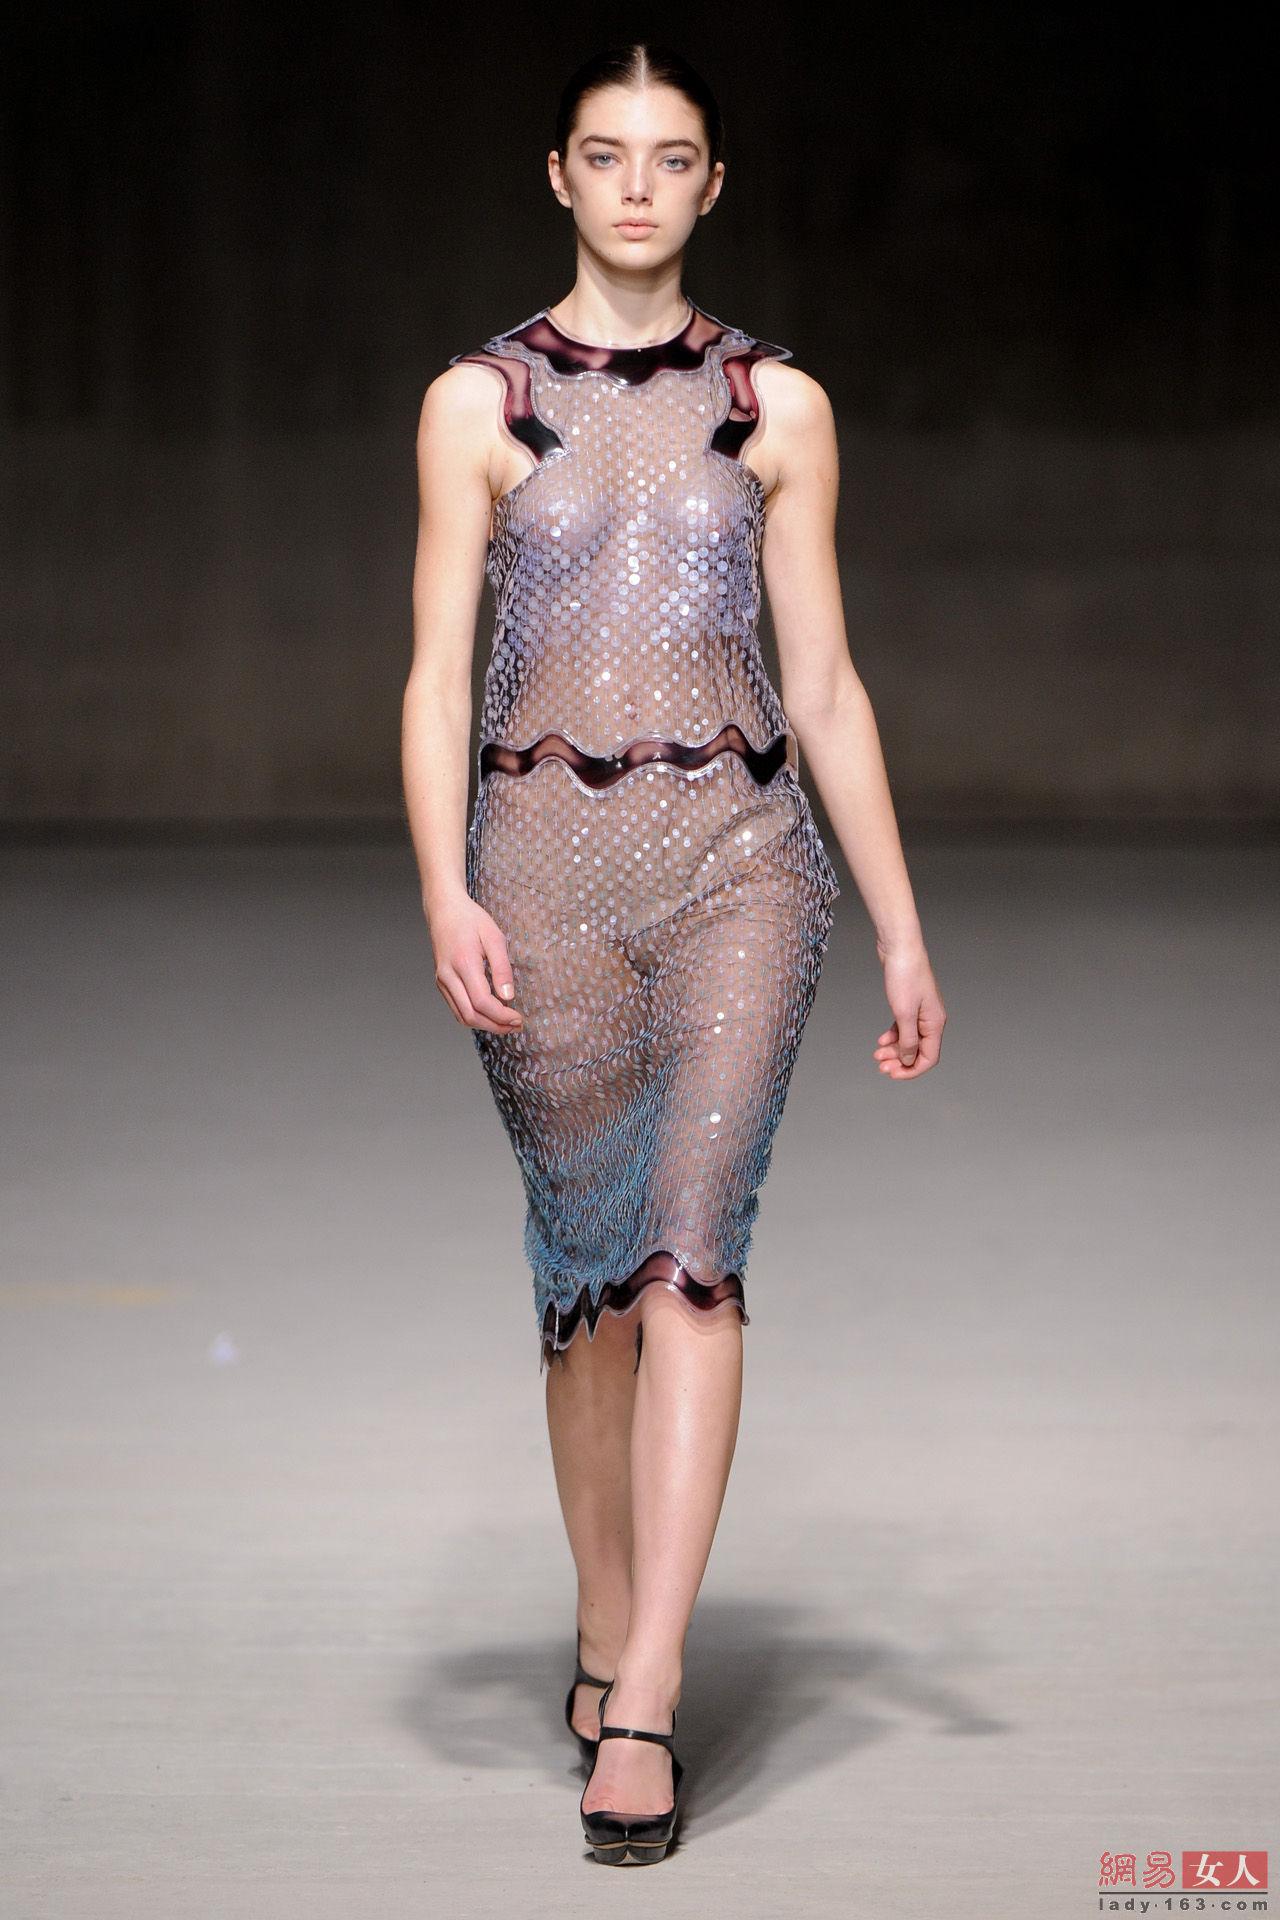 世界无下装透明时装秀 法国另类时装裸走秀(2)(点击浏览下一张趣图)